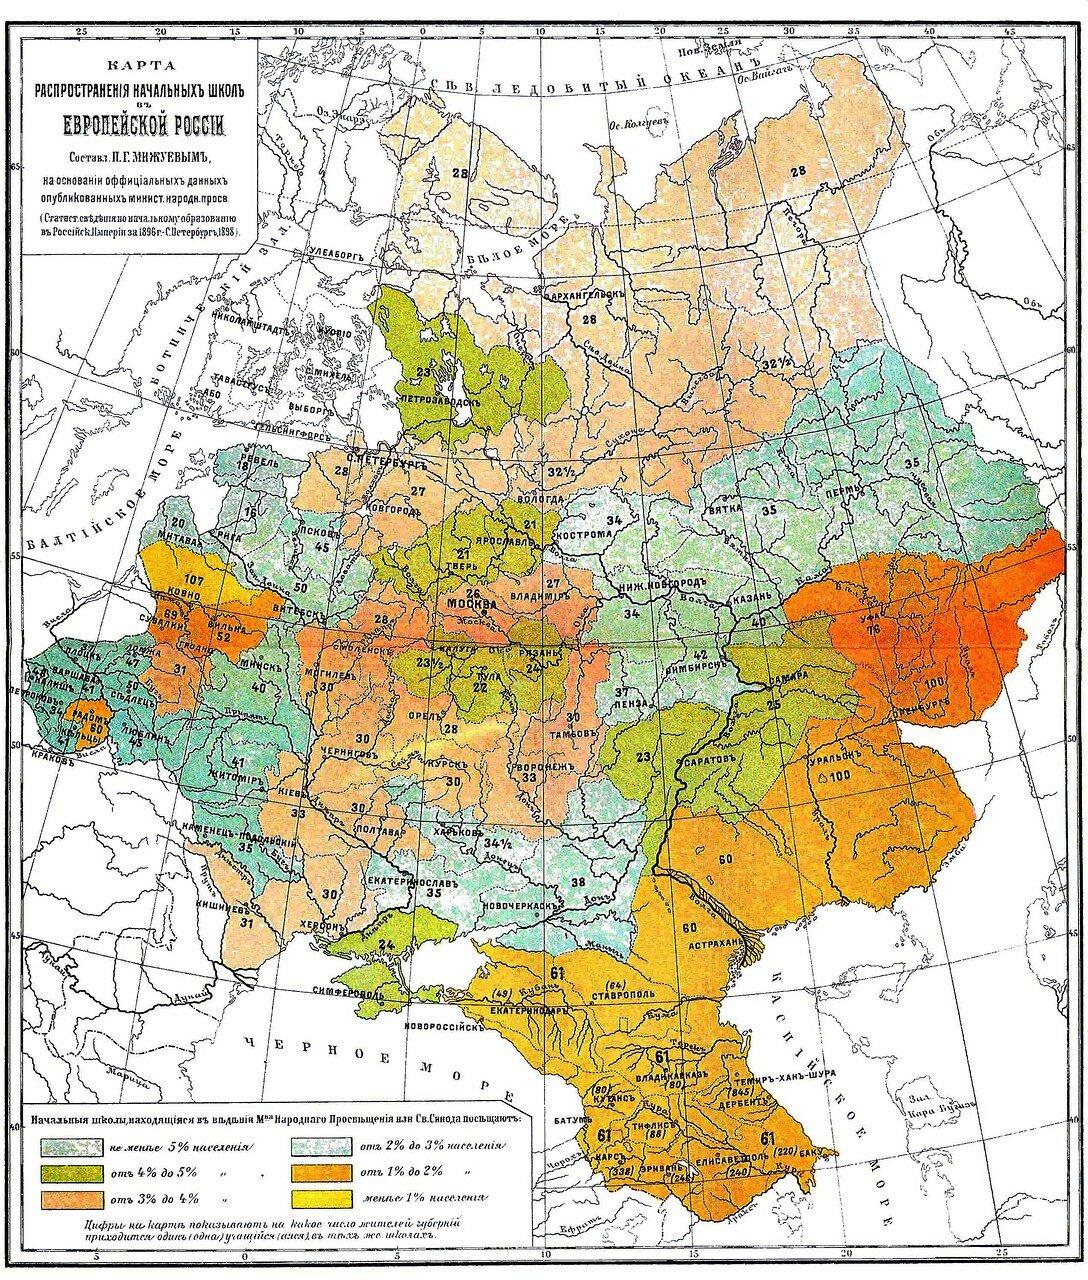 23. Карта распространения начальных школ в Европейской России